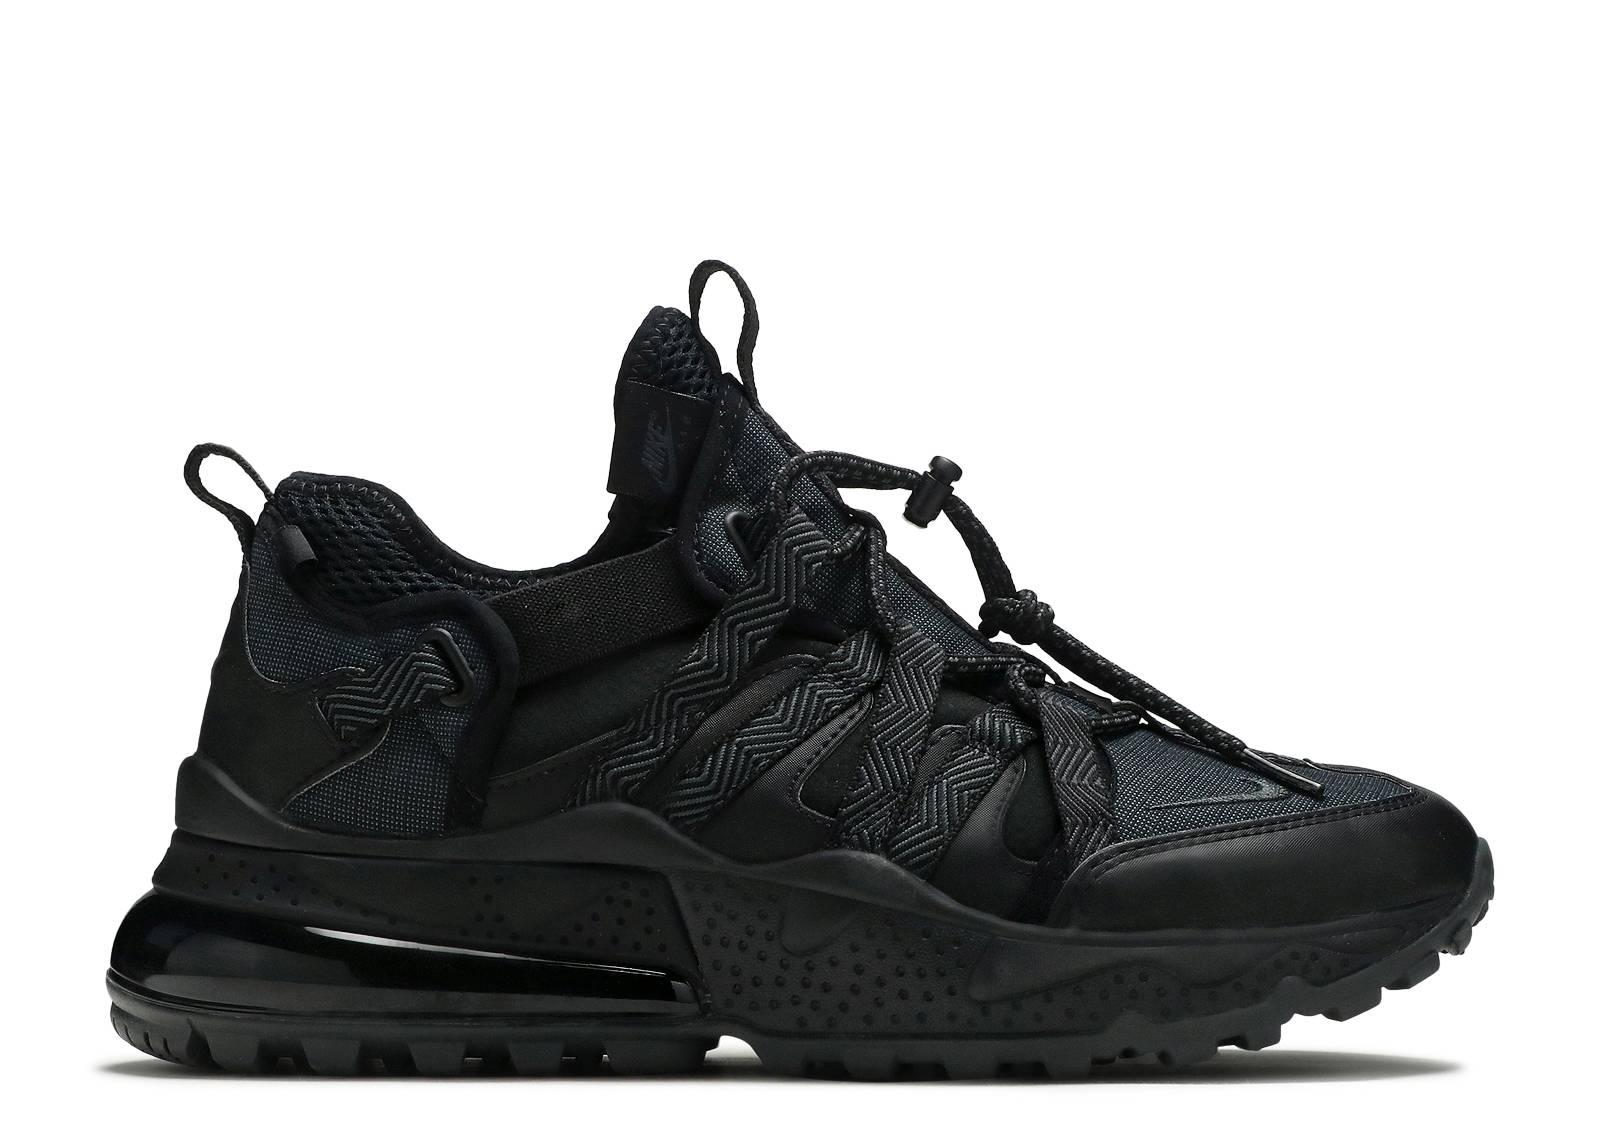 0c8665c14a1742 Air Max 270 Bowfin - Nike - aj7200 005 - black anthracite-black ...